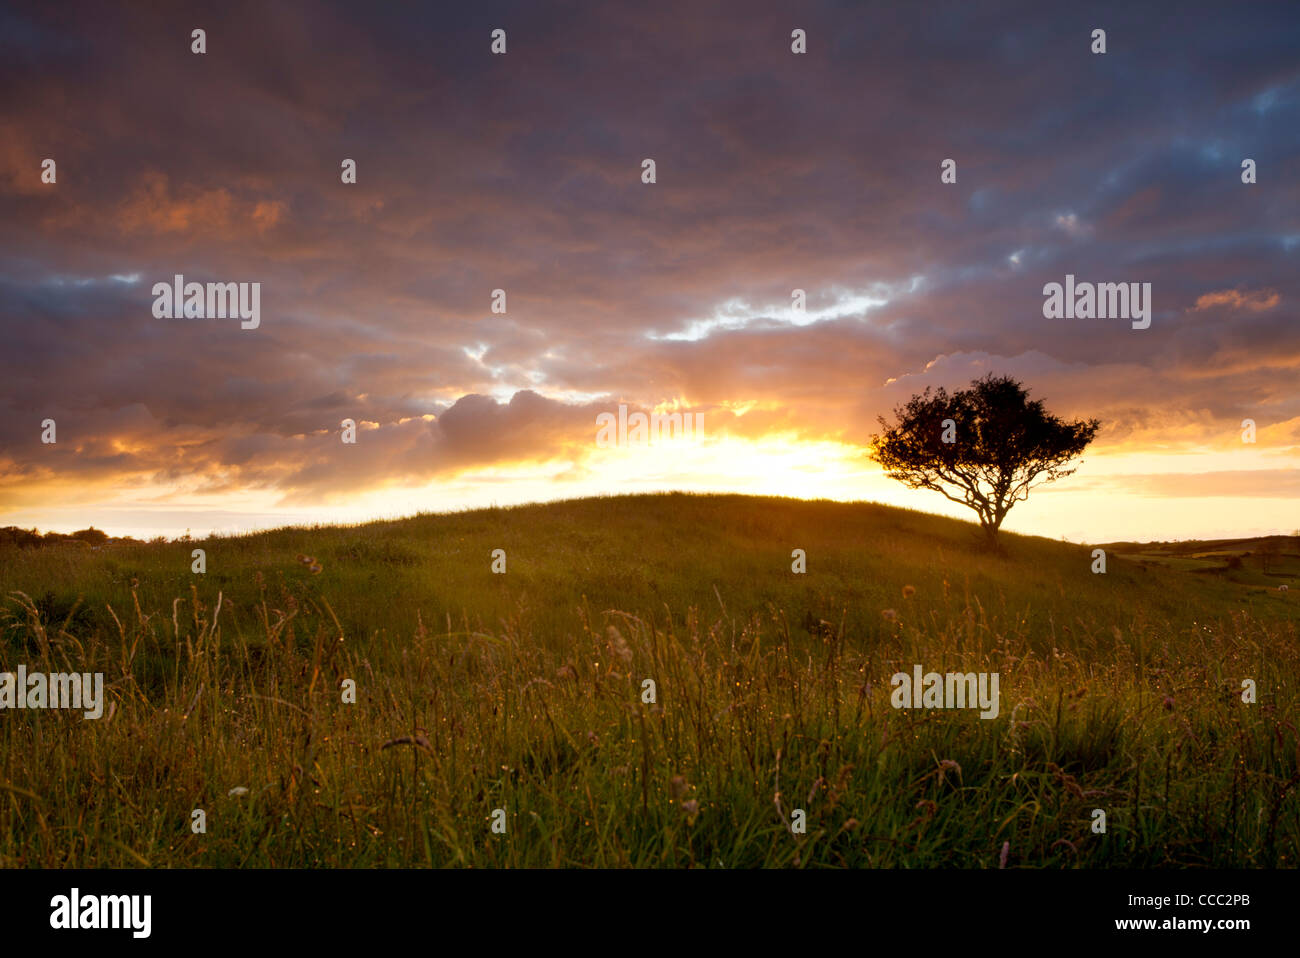 Arbre isolé au coucher du soleil, dans le comté de Mayo, Irlande. Photo Stock